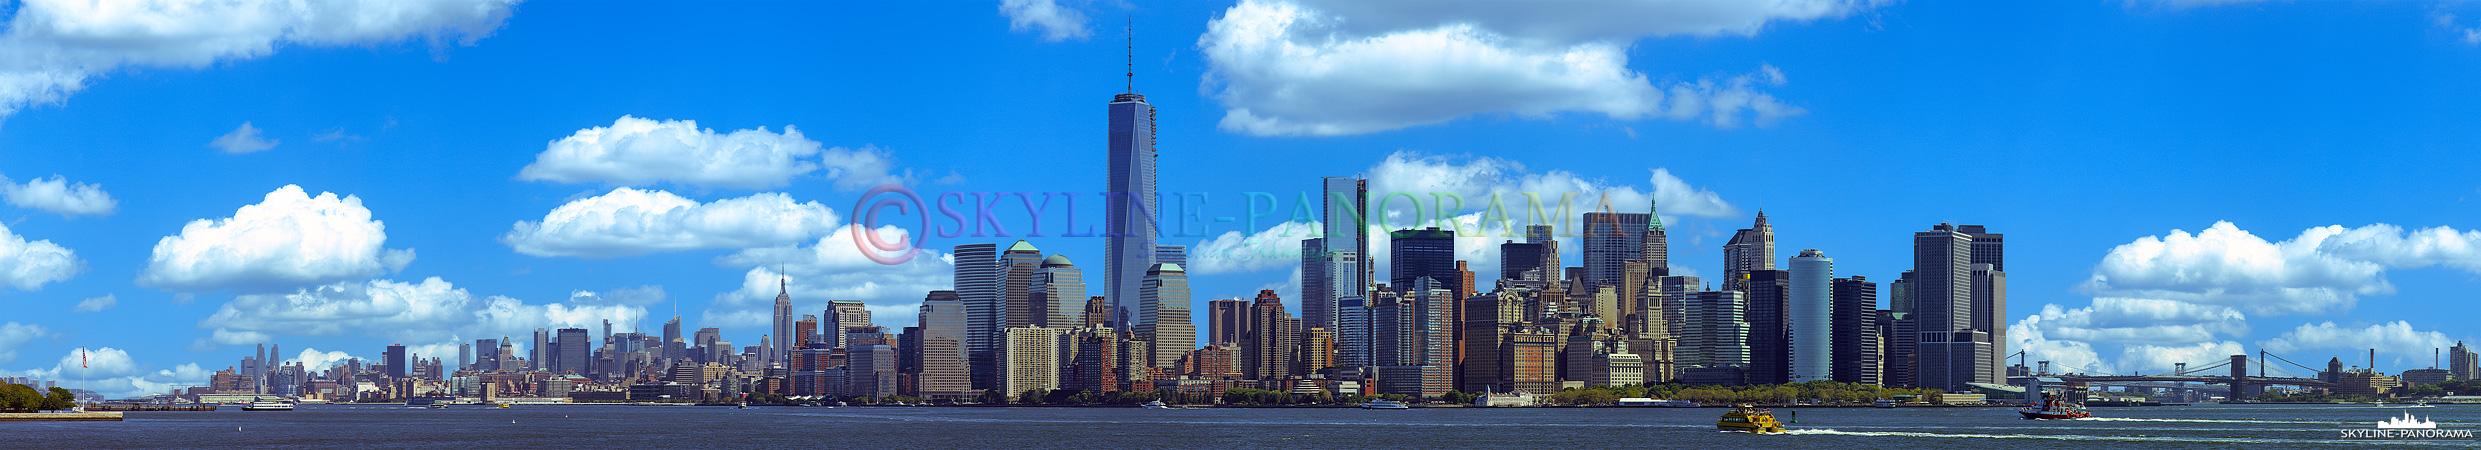 Manhattan am Tag - Blick von Liberty Island auf die Südspitze von Manhattan mit dem One World Trade Center und dem Empire State Building, die beiden Wolkenkratzer gehören zu den bekanntesten Wahrzeichen von New York City.